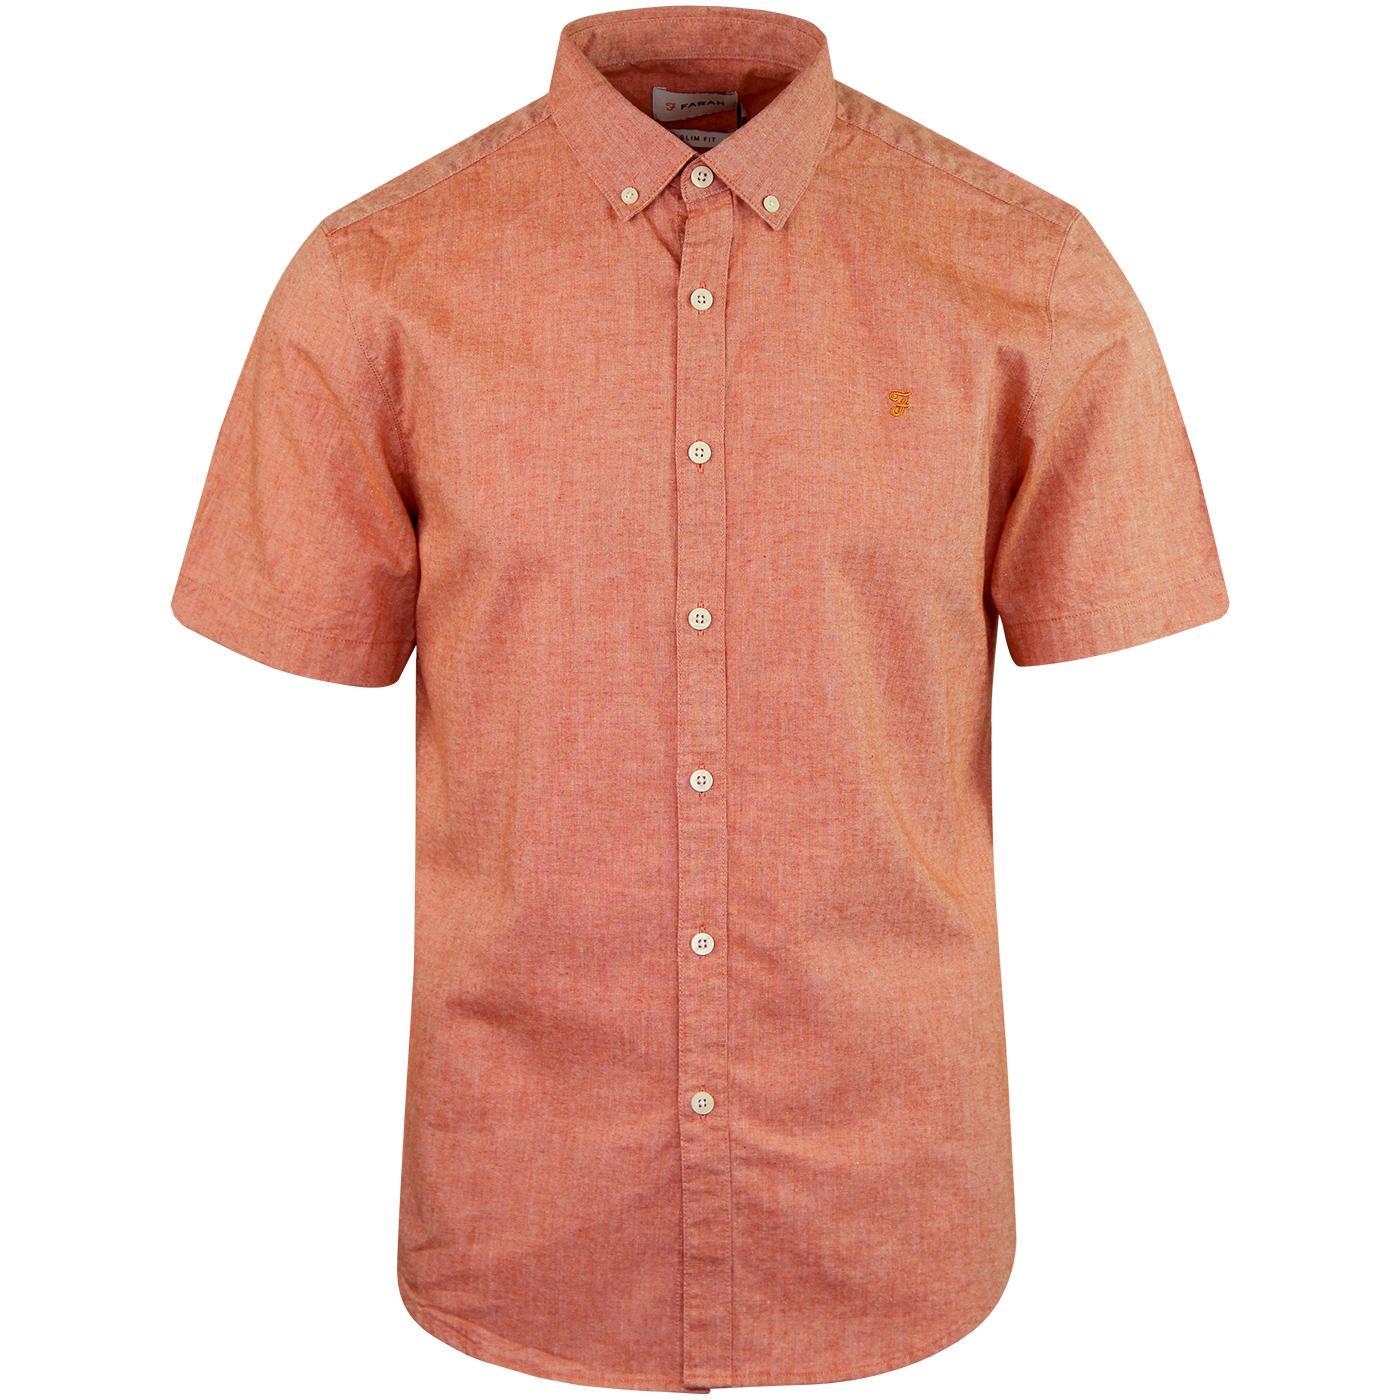 Steen FARAH 60s Mod Short Sleeve Oxford Shirt (G)